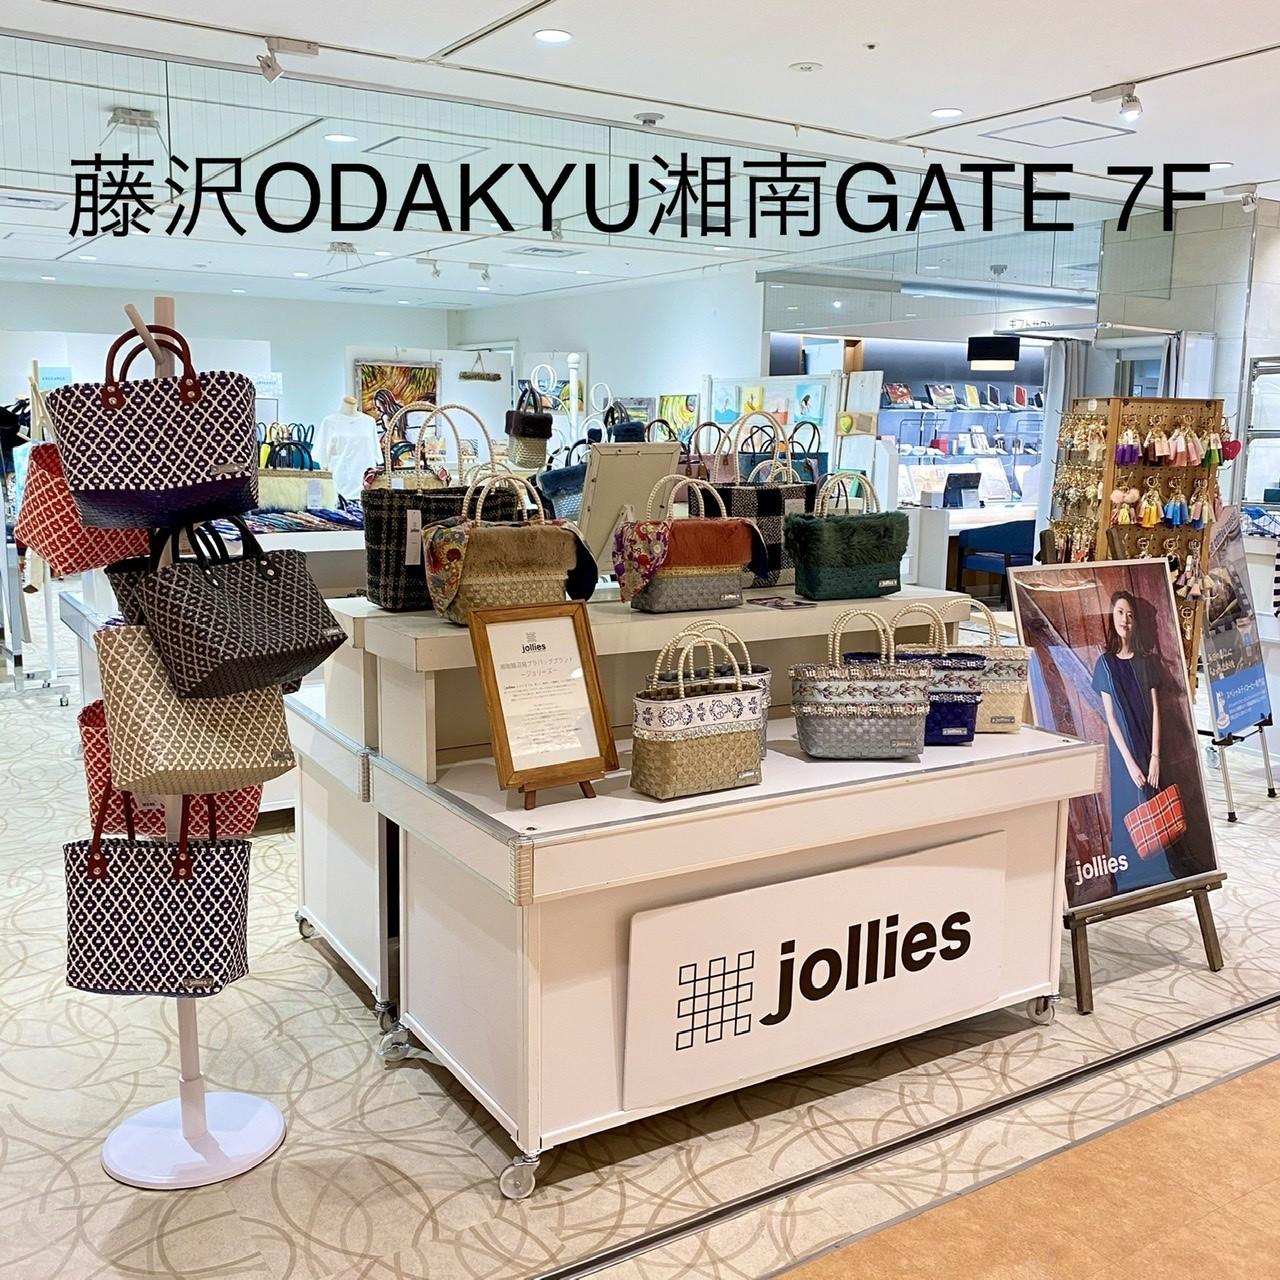 藤沢ODAKYU湘南GATE7階ポップアップ開催中!!!